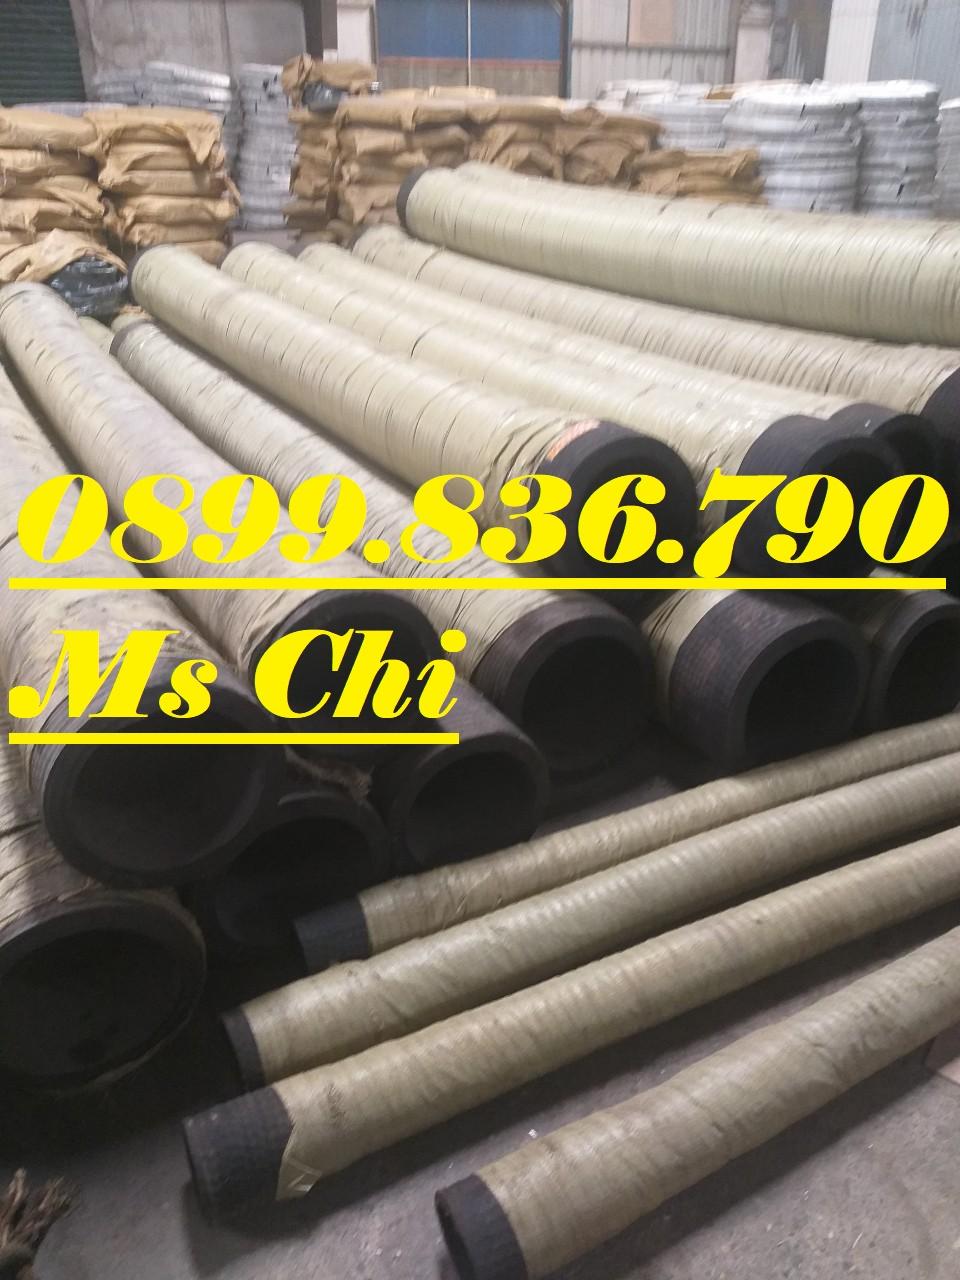 Tìm đại lý phân phối ống cao su lõi thép chất lượng